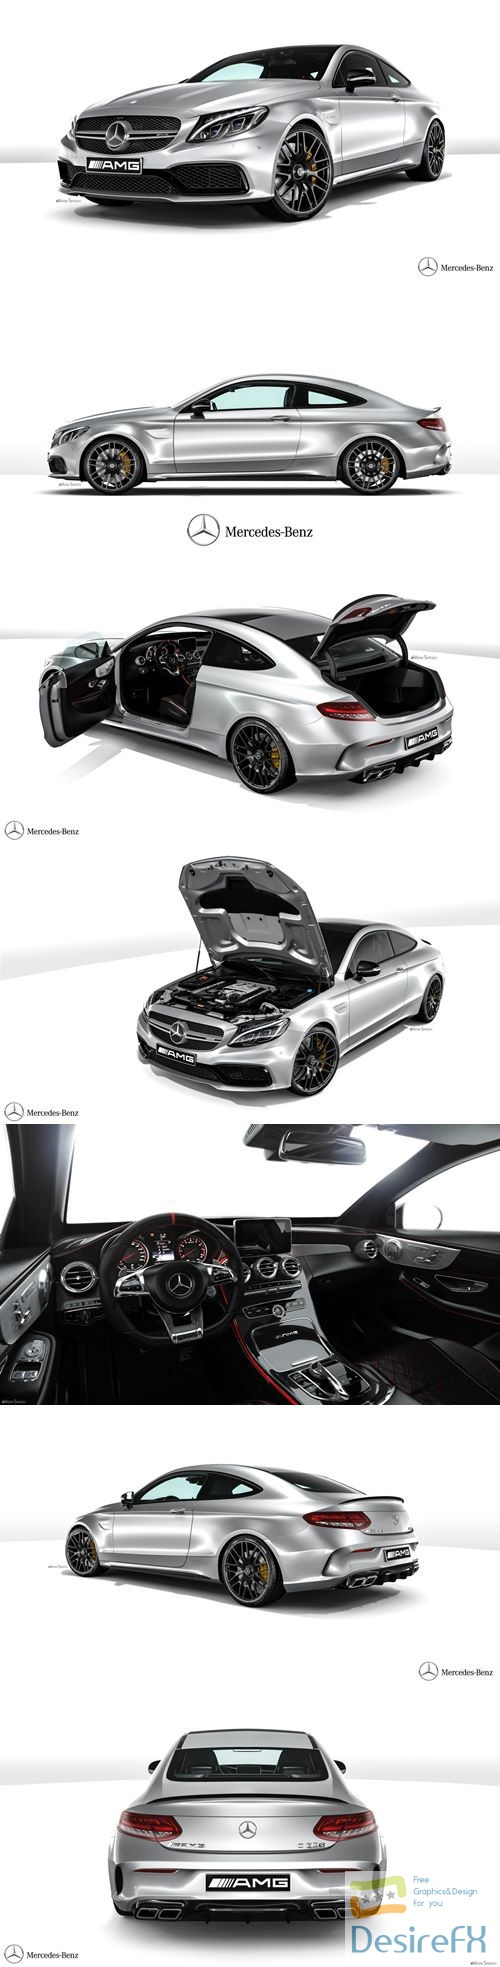 3d-models - Mercedes-Benz C63 AMG Coupe 2016 3D Model